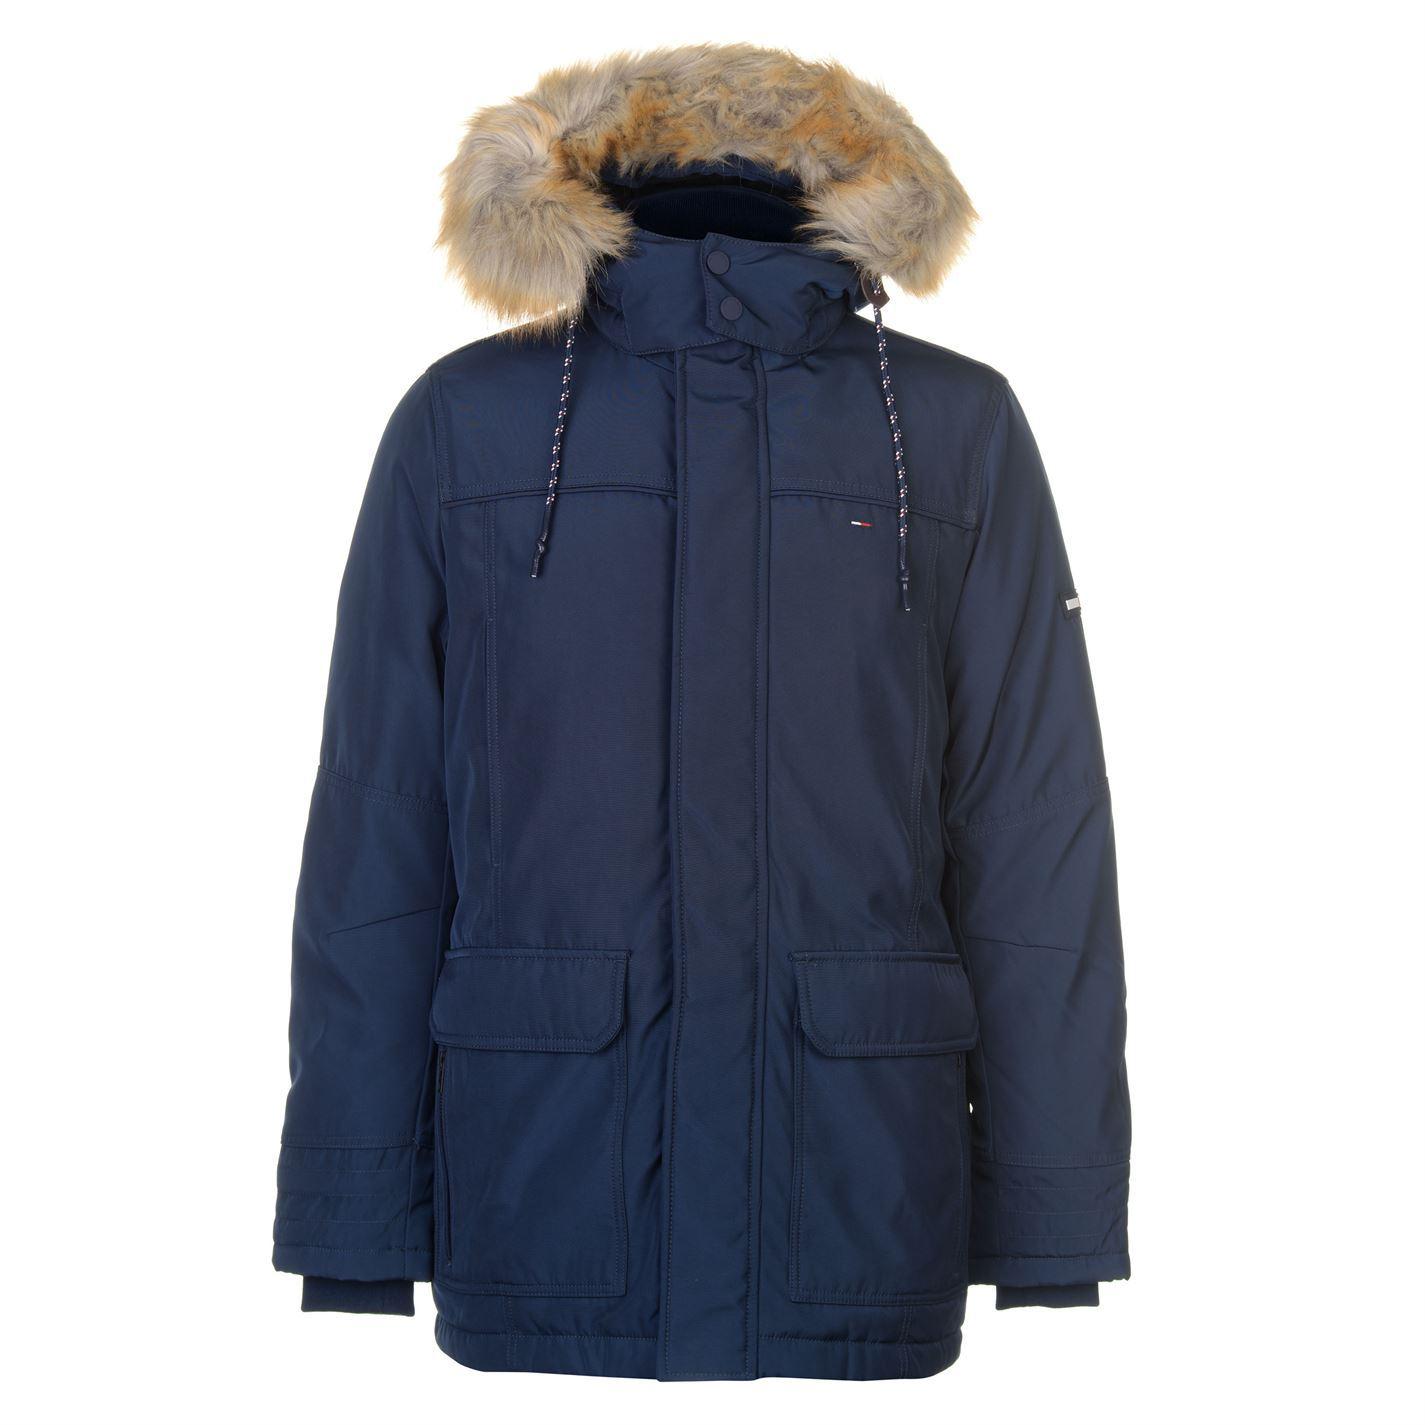 702e0a85 Mens Tommy Jeans Tech Parka Jacket High Neck New   eBay